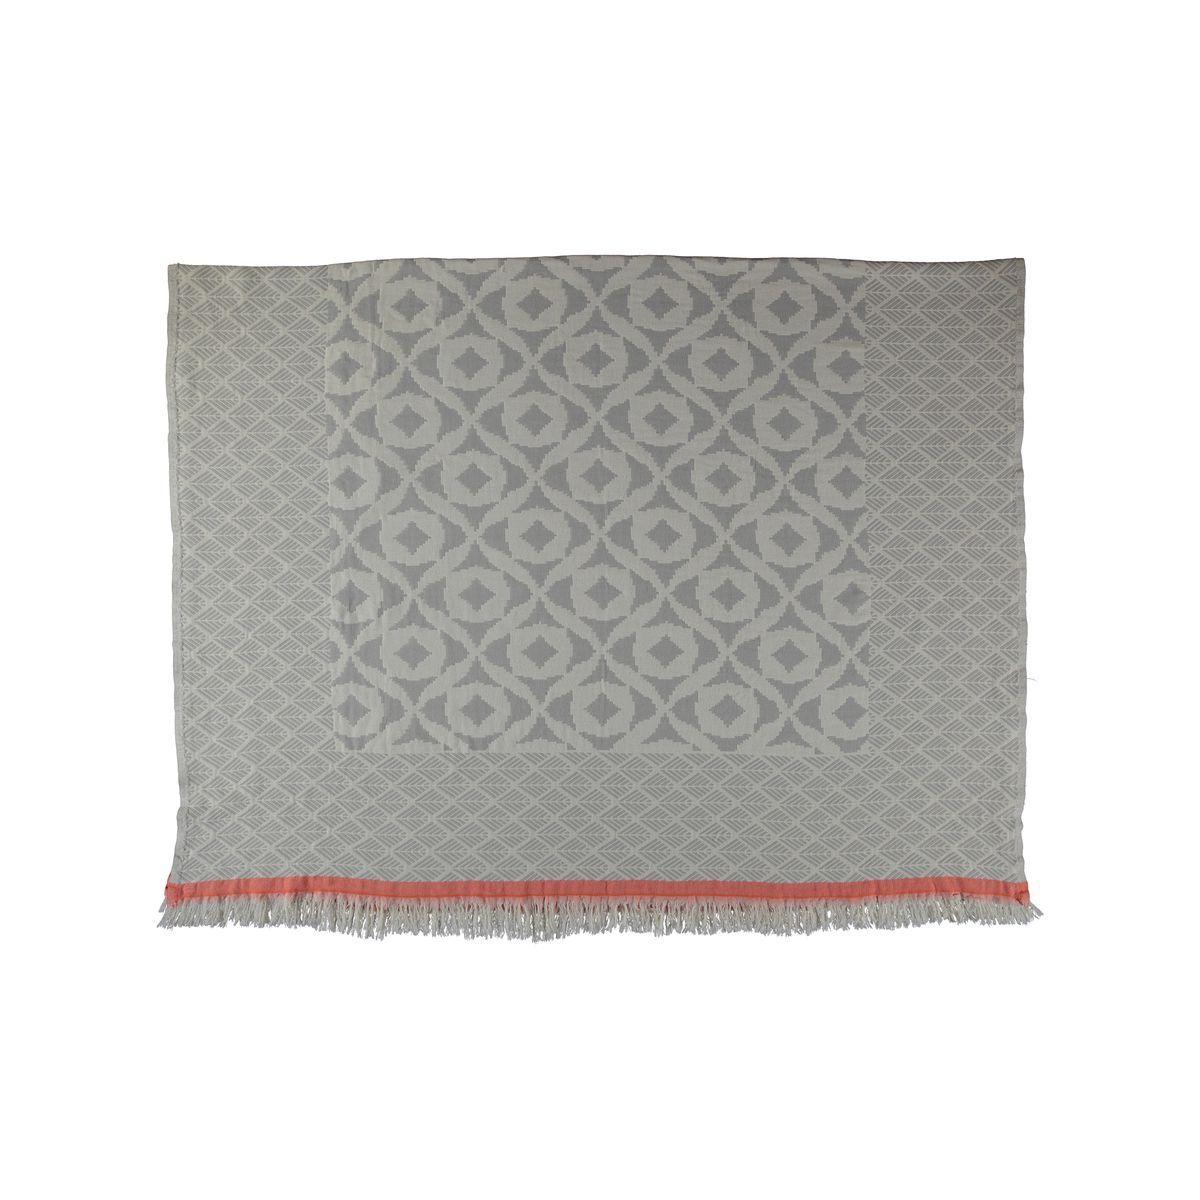 Throw May - Silver Grey / Coral